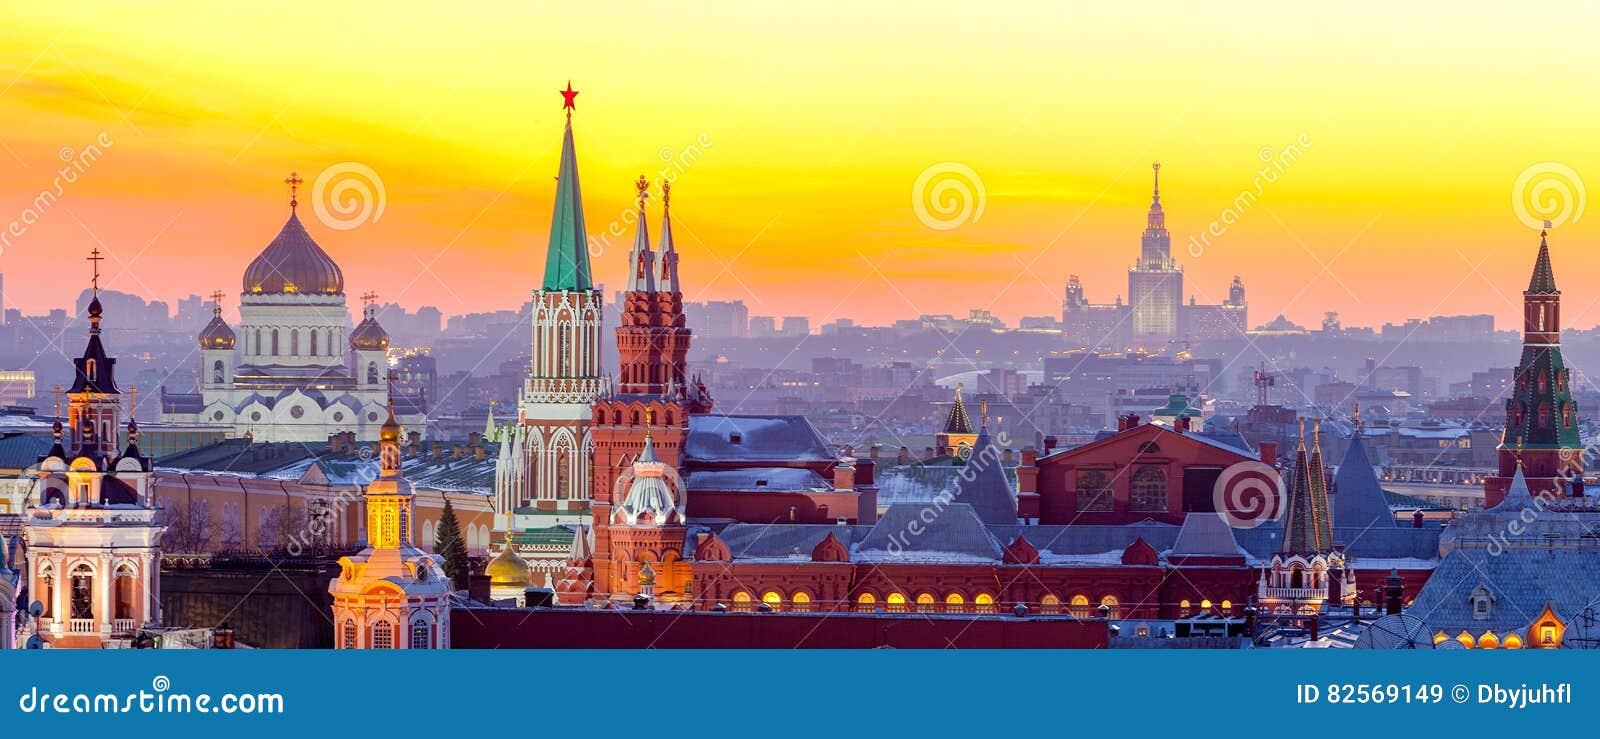 Μόσχα, άποψη της Μόσχας Κρεμλίνο, Ρωσία